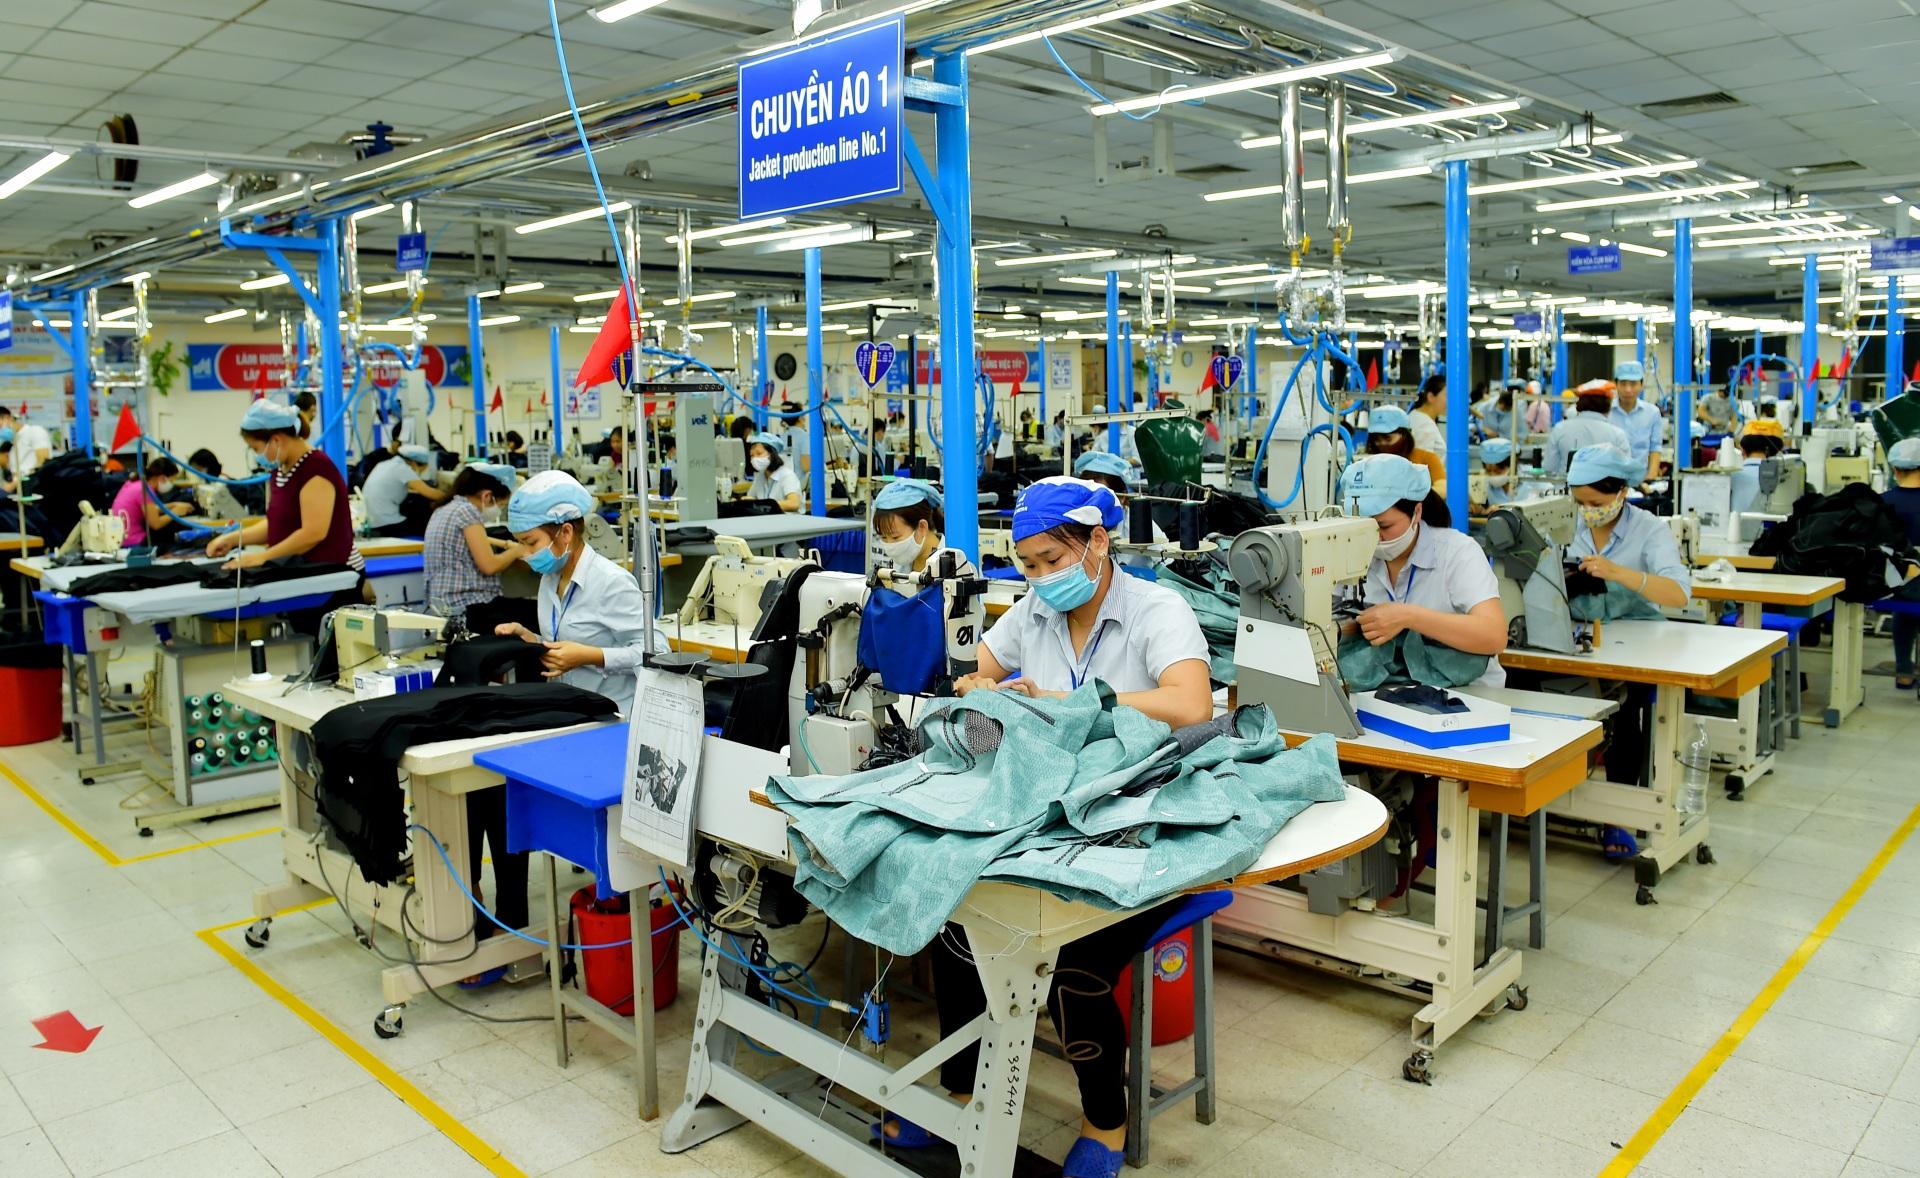 Những vấn đề đặt ra về an ninh trật tự trong quản lý xã hội tại các khu công nghiệp